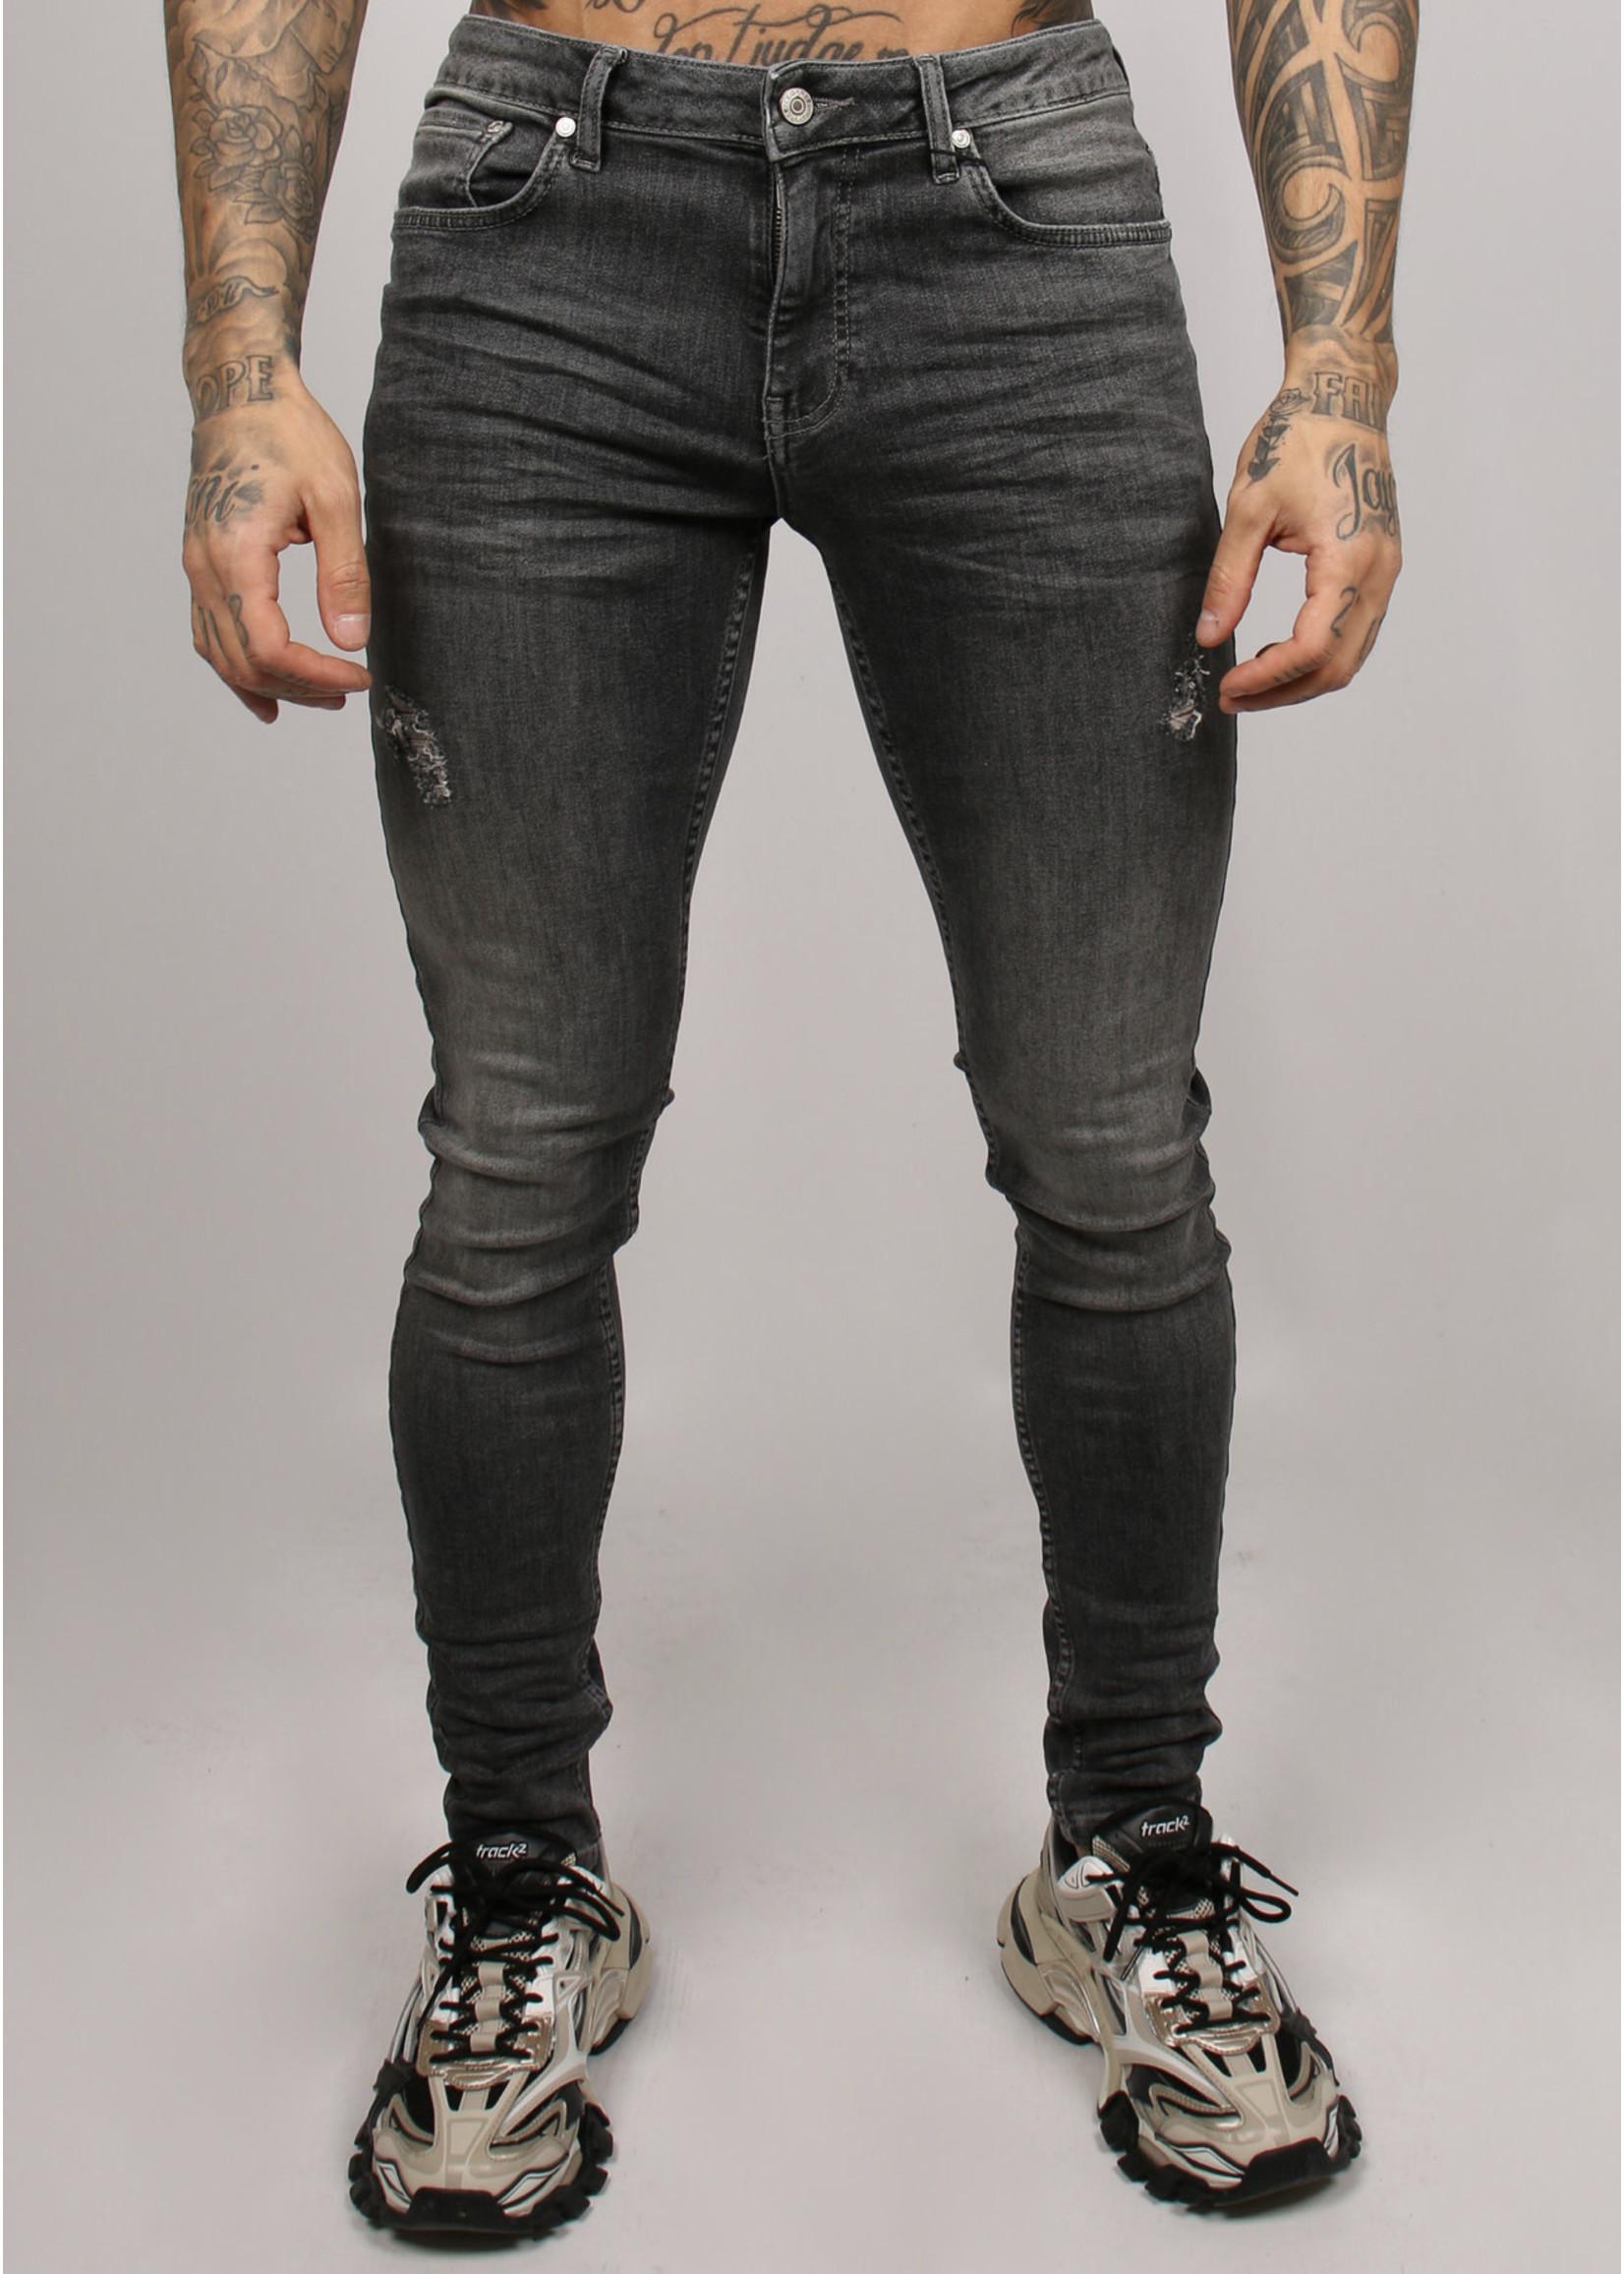 2Legare 2LEGARE NOAH stretch jeans - Mid Grey